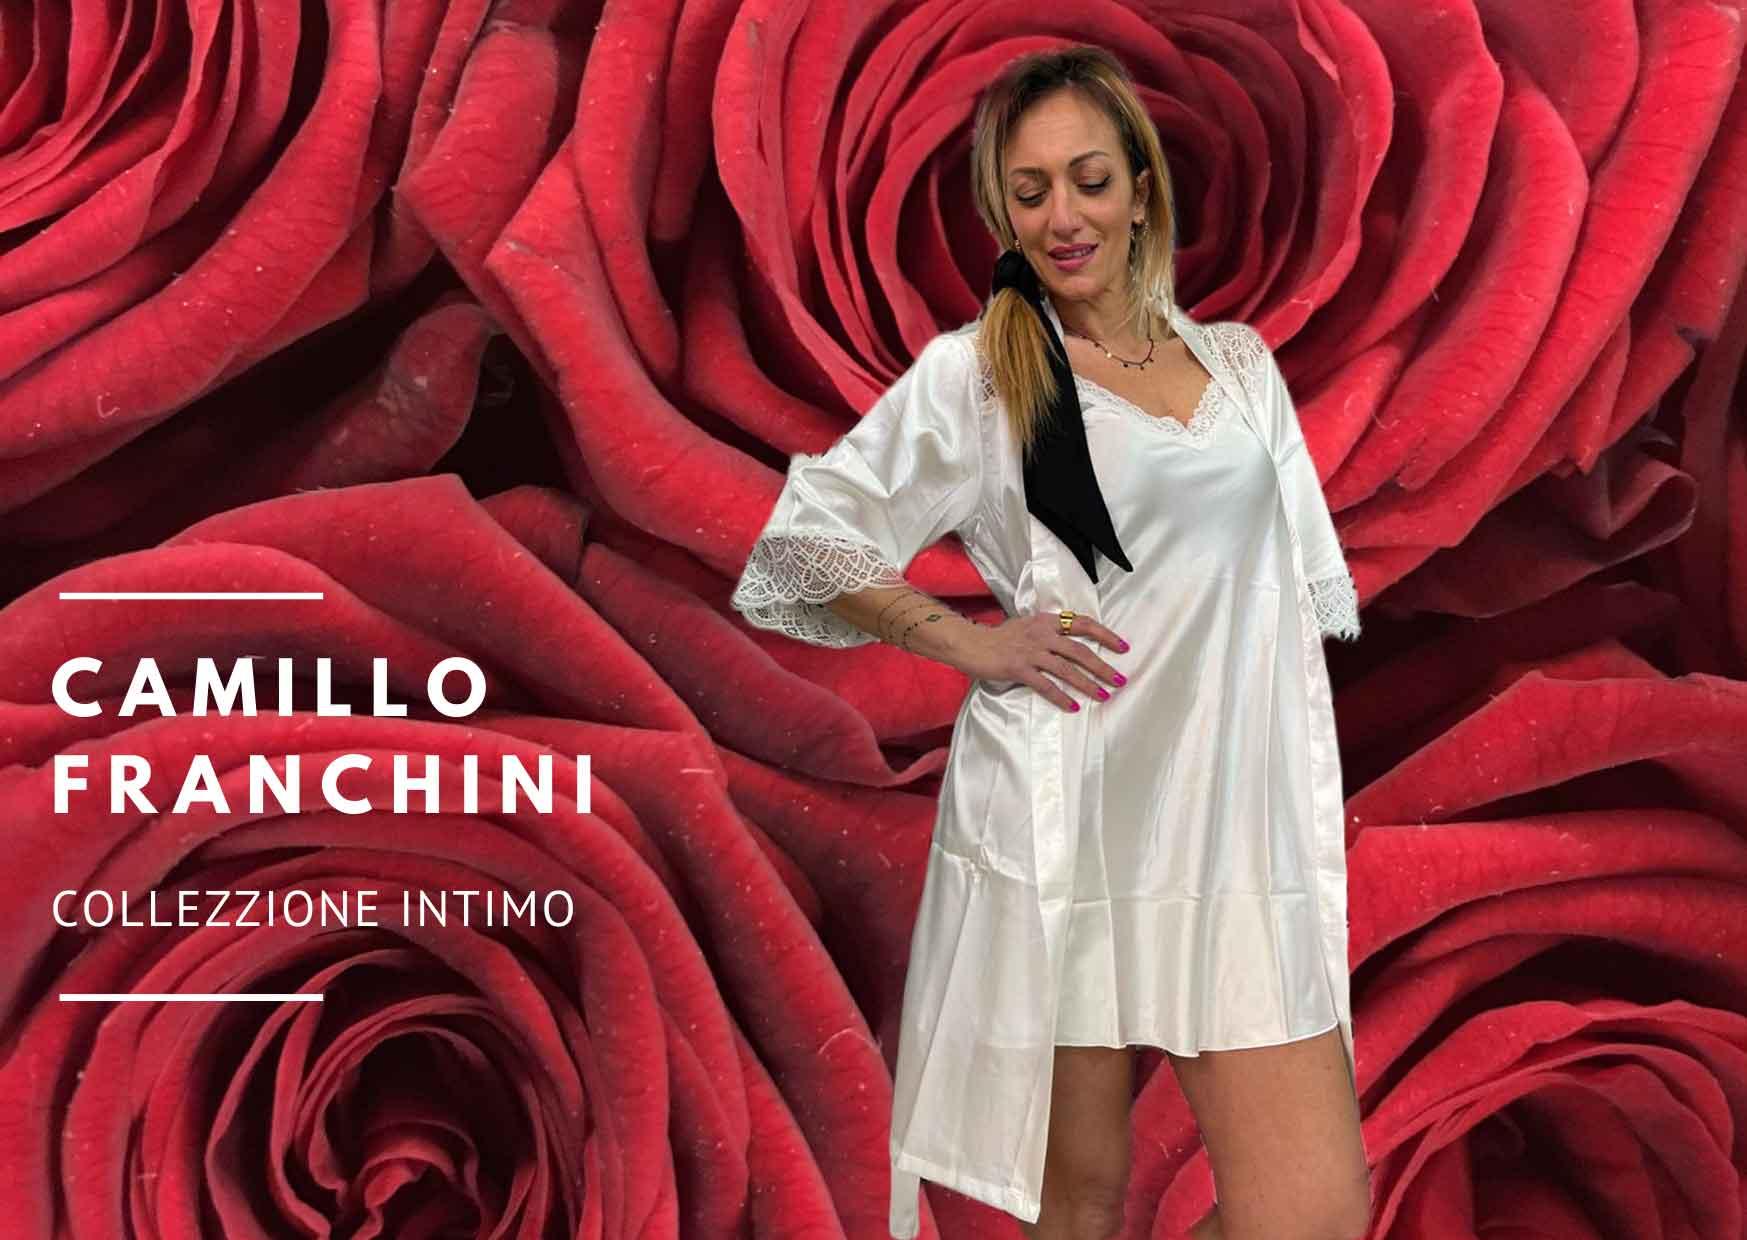 Camillo-franchini-intimo